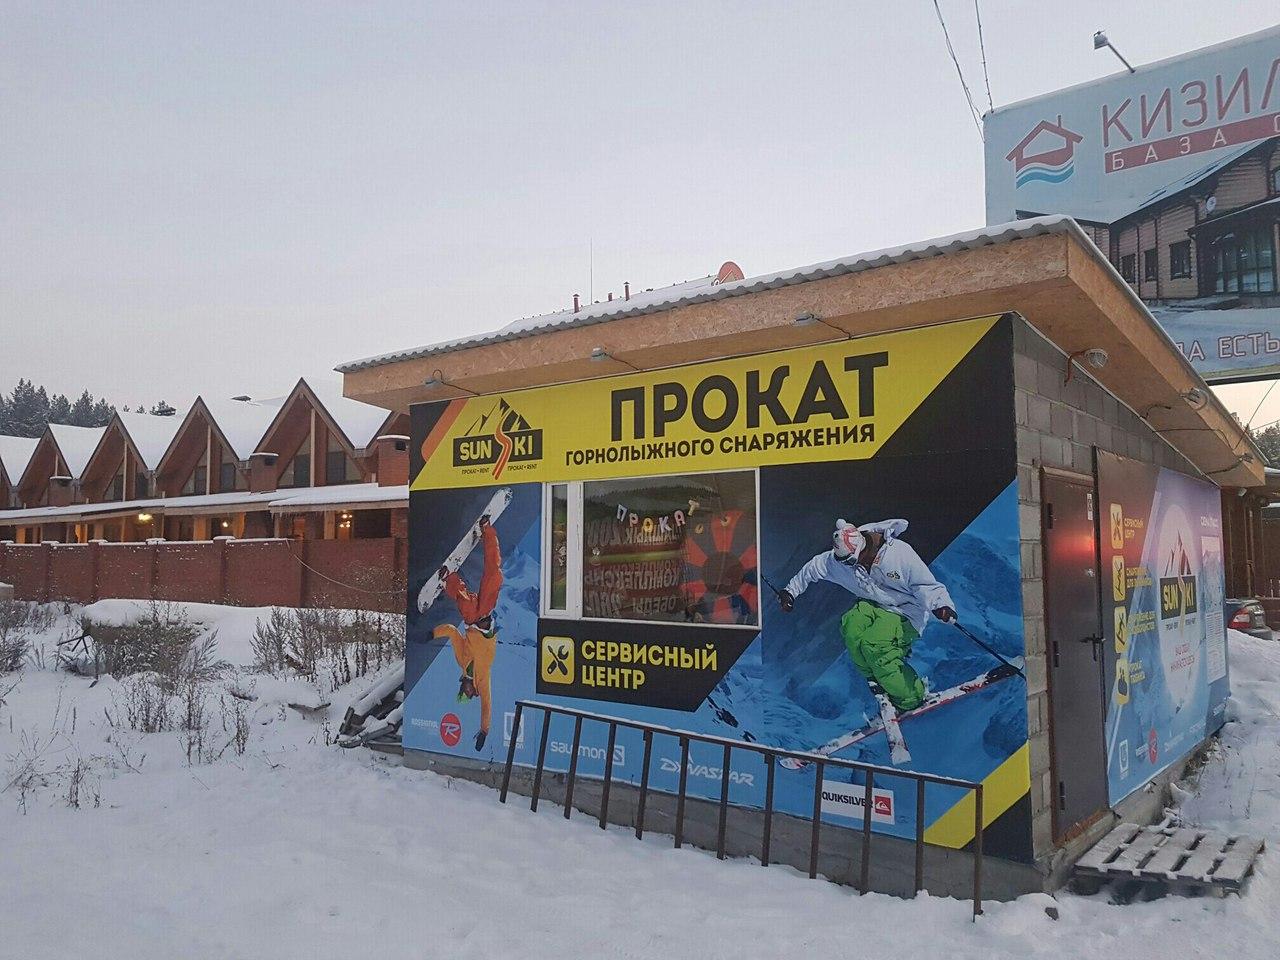 Прокат Абзаково